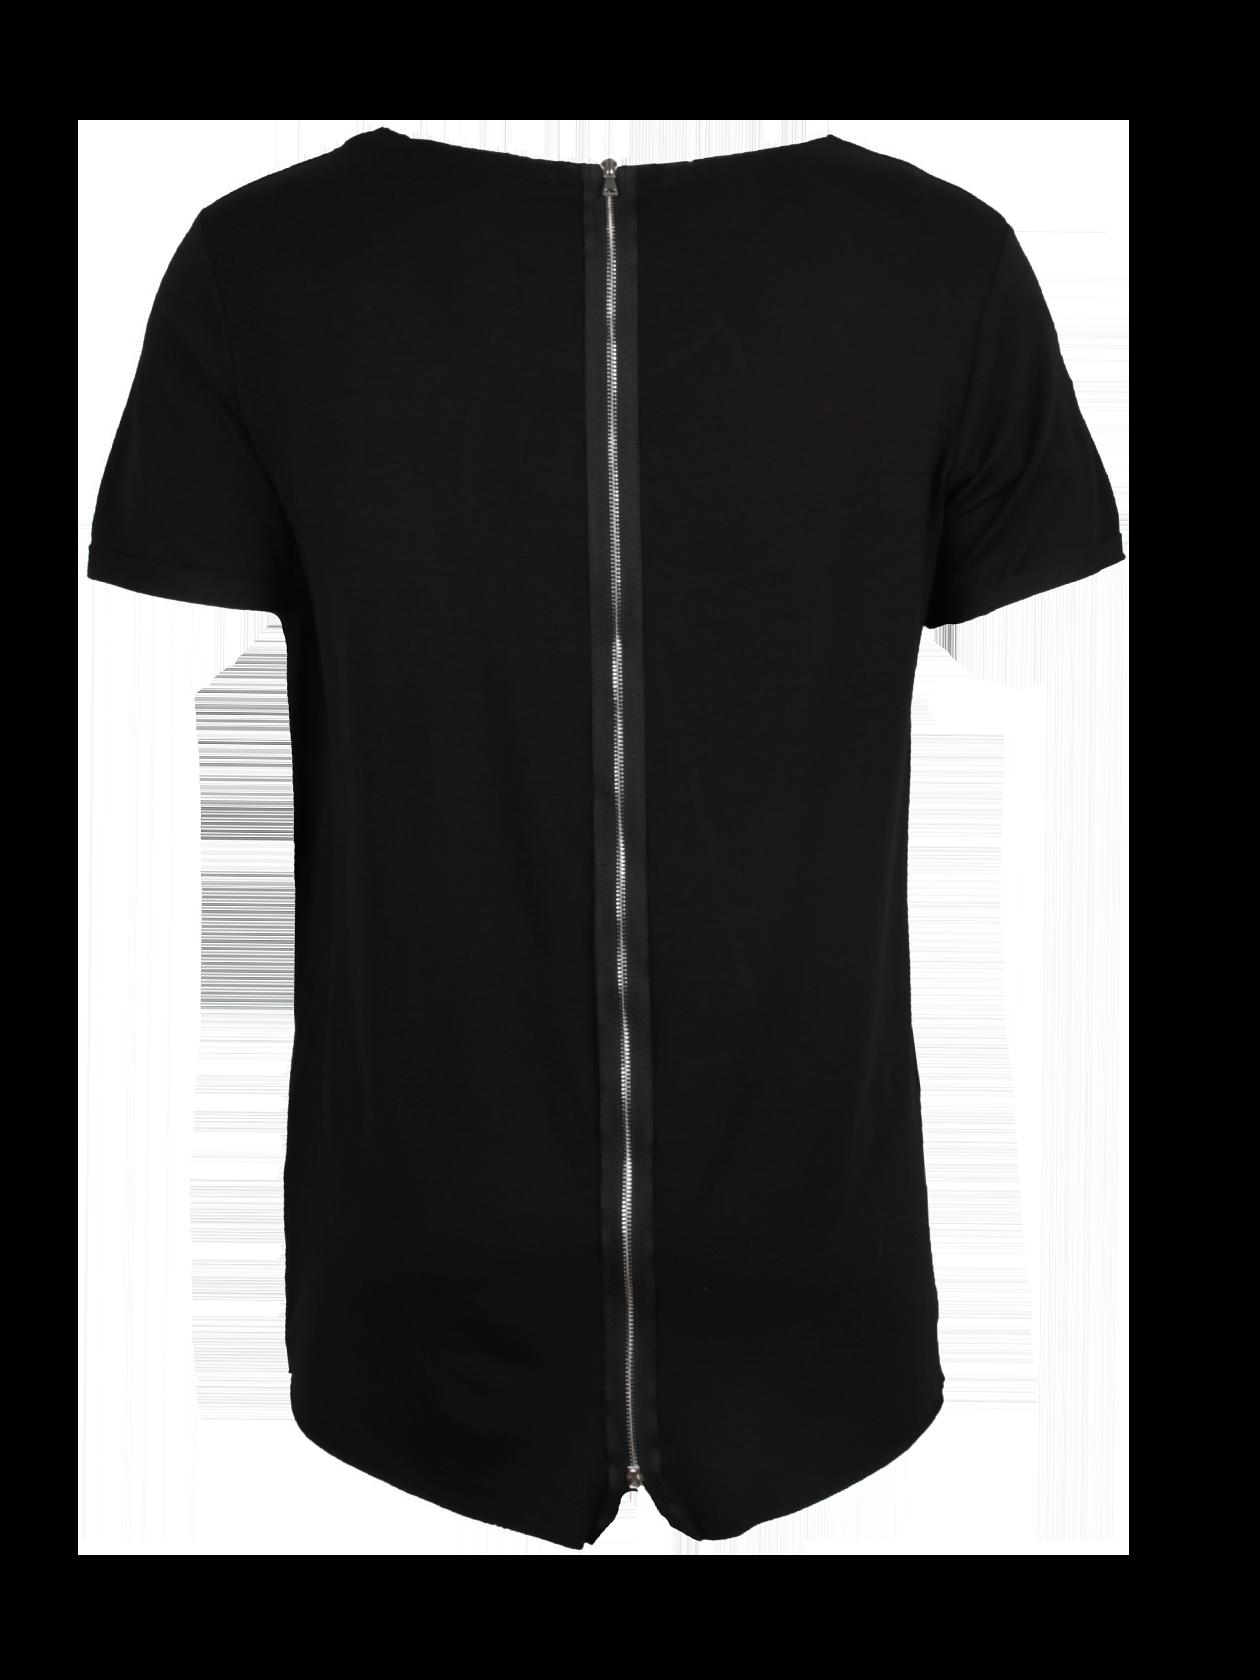 Футболка унисекс ZIPPER BLACKАктуальная в любом сезоне футболка Zipper Black – стильное дополнение любого лука спортивного и повседневного направления. Модель свободного прямого кроя с закругленной спинкой. Небольшой рукав, горловина с широким вырезом, внутри имеется фирменная нашивка с логотипом Black Star Wear. Декоративный элемент – вертикальная застежка молния черного цвета, оформленная по центру спины. Футболка сшита из высококачественного натурального хлопка, приятного к телу. В наличии две расцветки: черная и серый меланж.&amp;nbsp;<br><br>Размер: S<br>Цвет: Черный<br>Пол: Женский